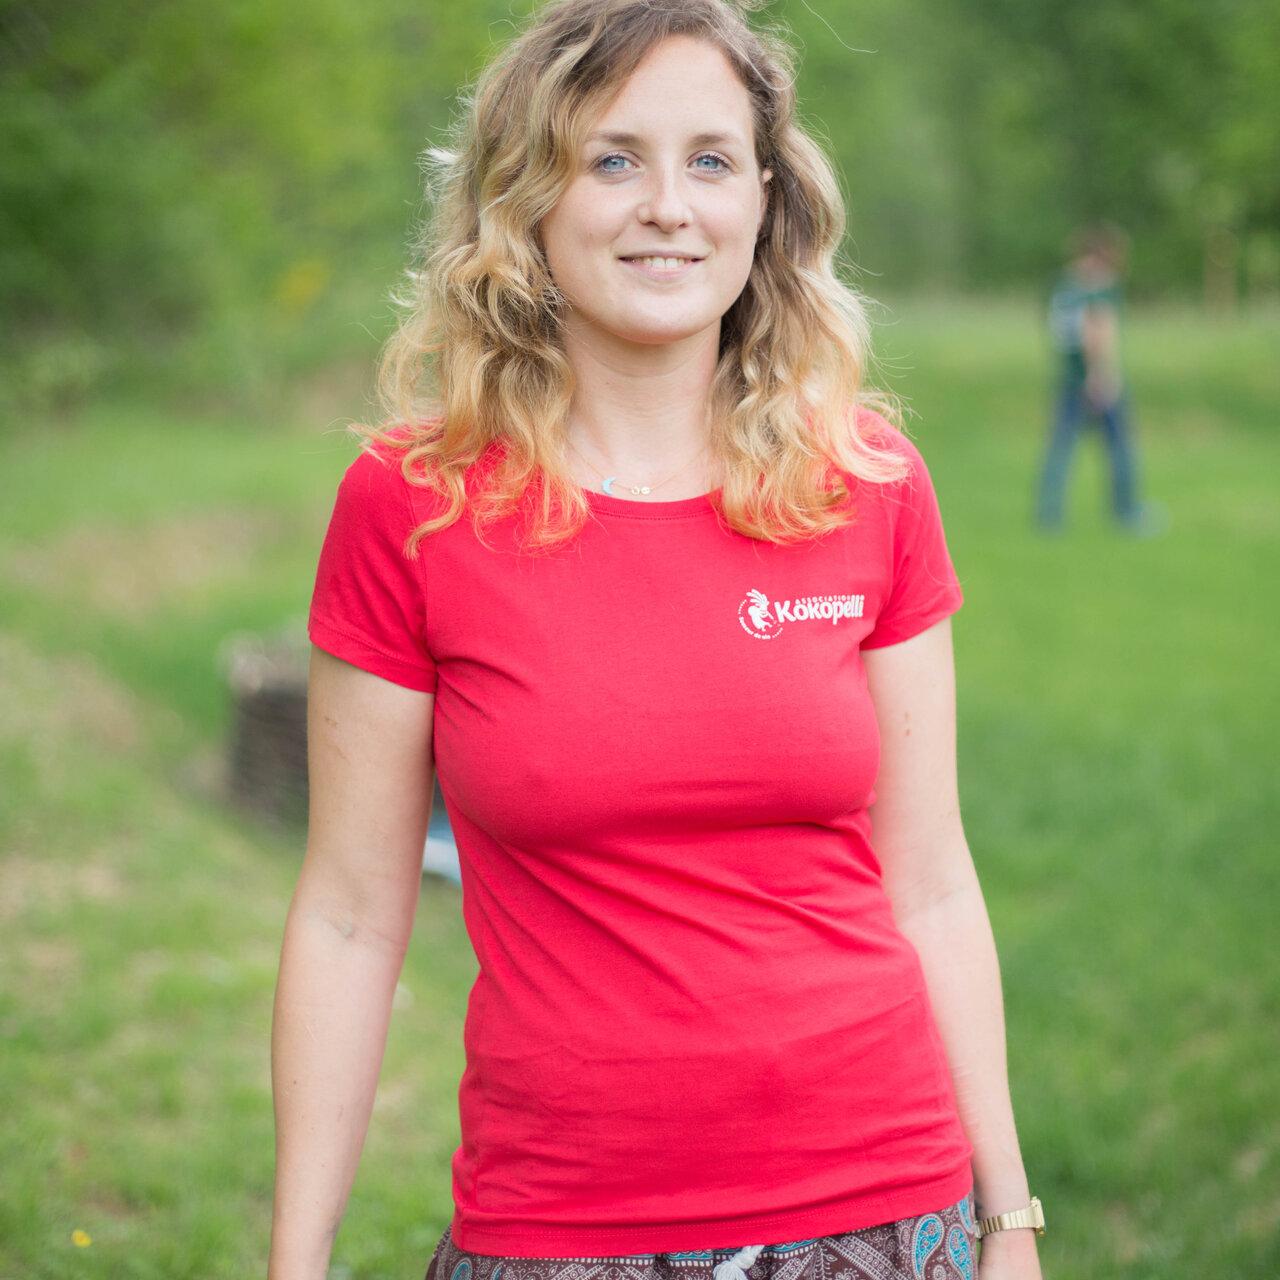 Vêtements - T-Shirt femme rouge, taille S